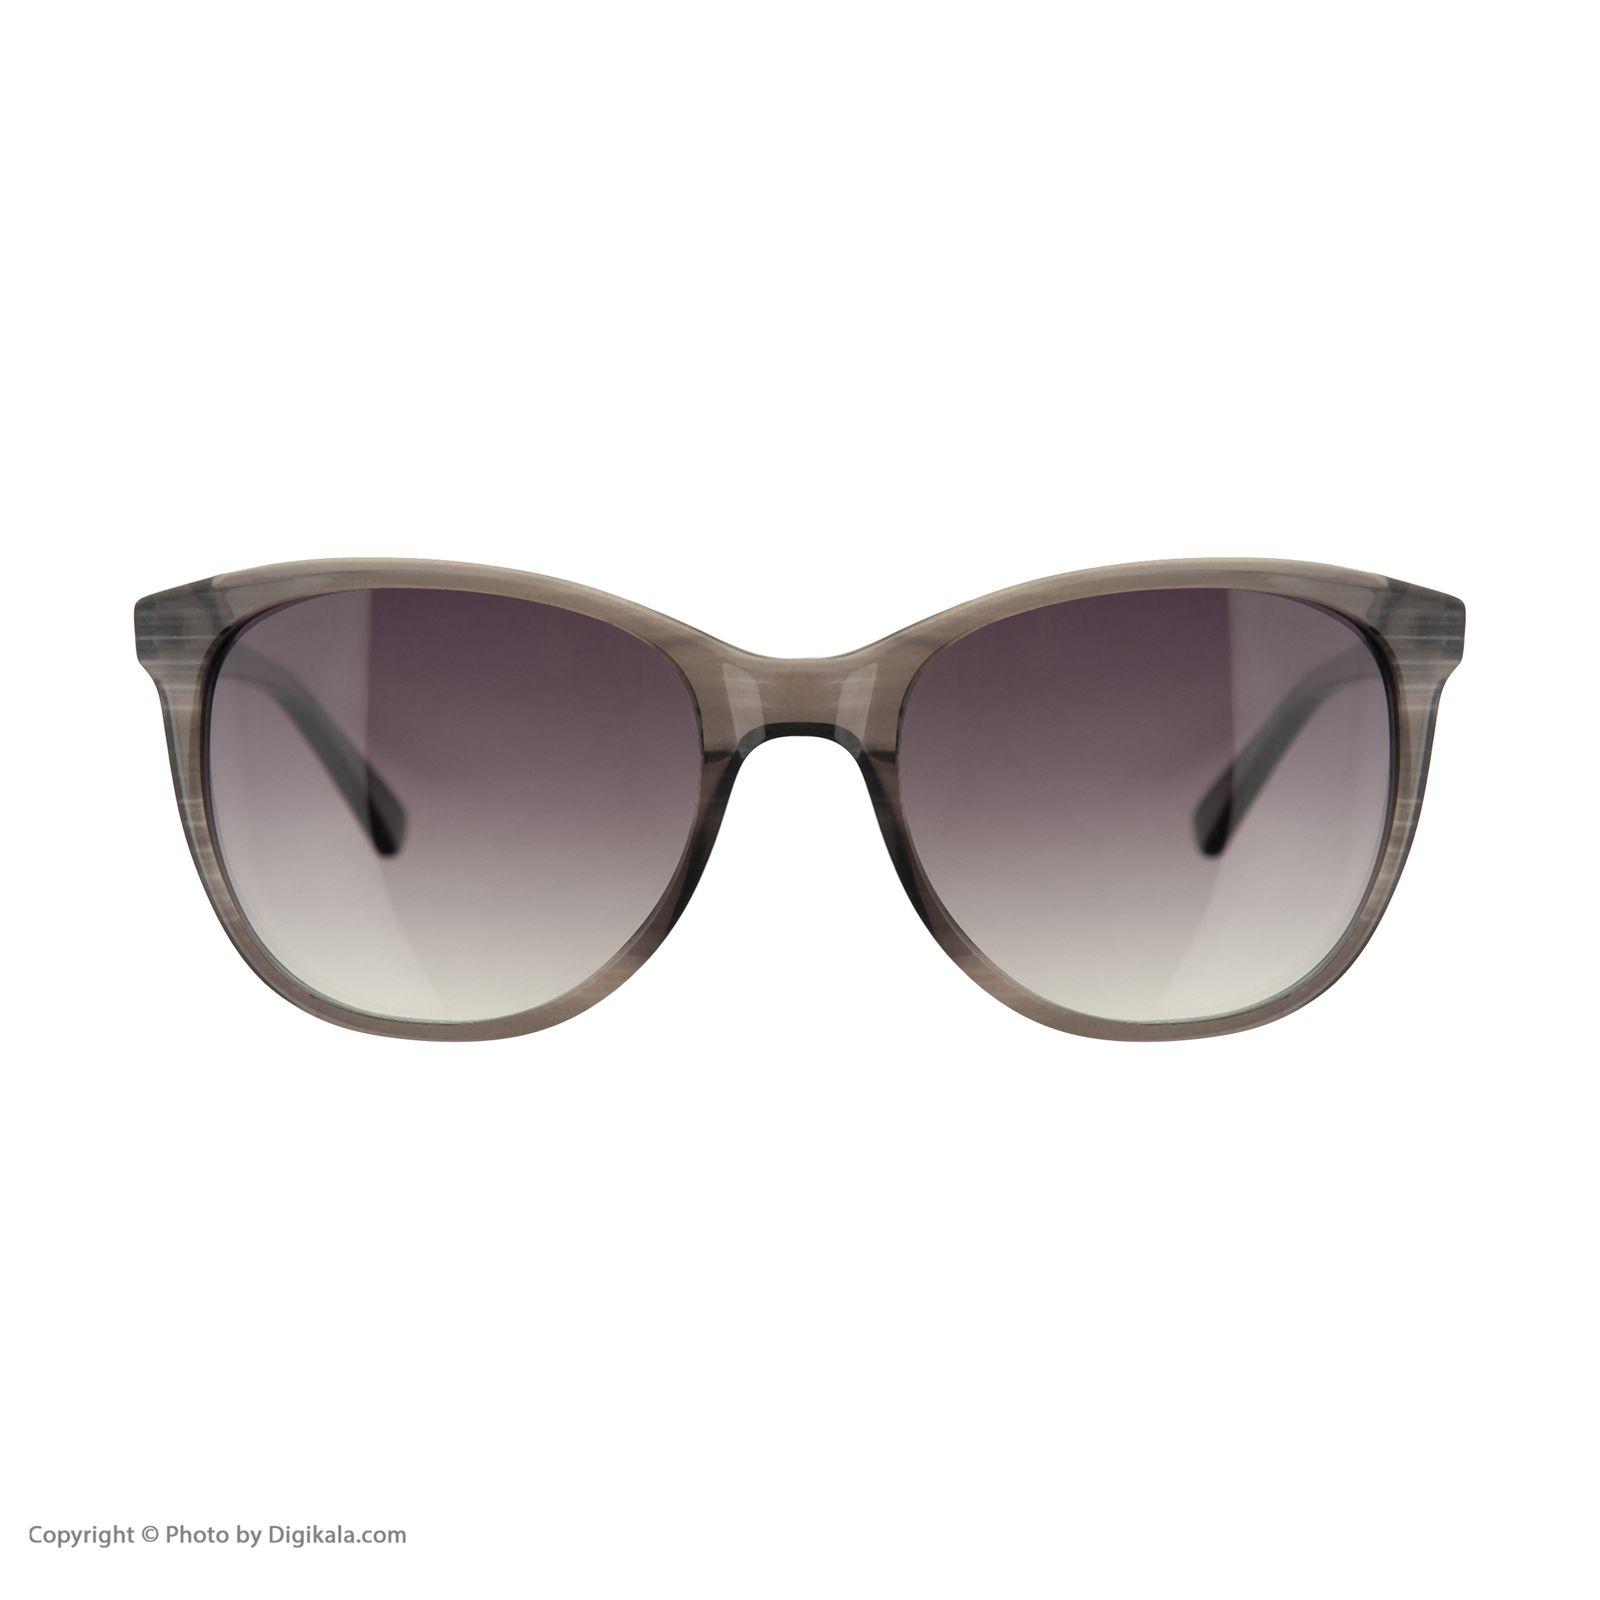 عینک آفتابی زنانه ویستان مدل 7998002 -  - 1